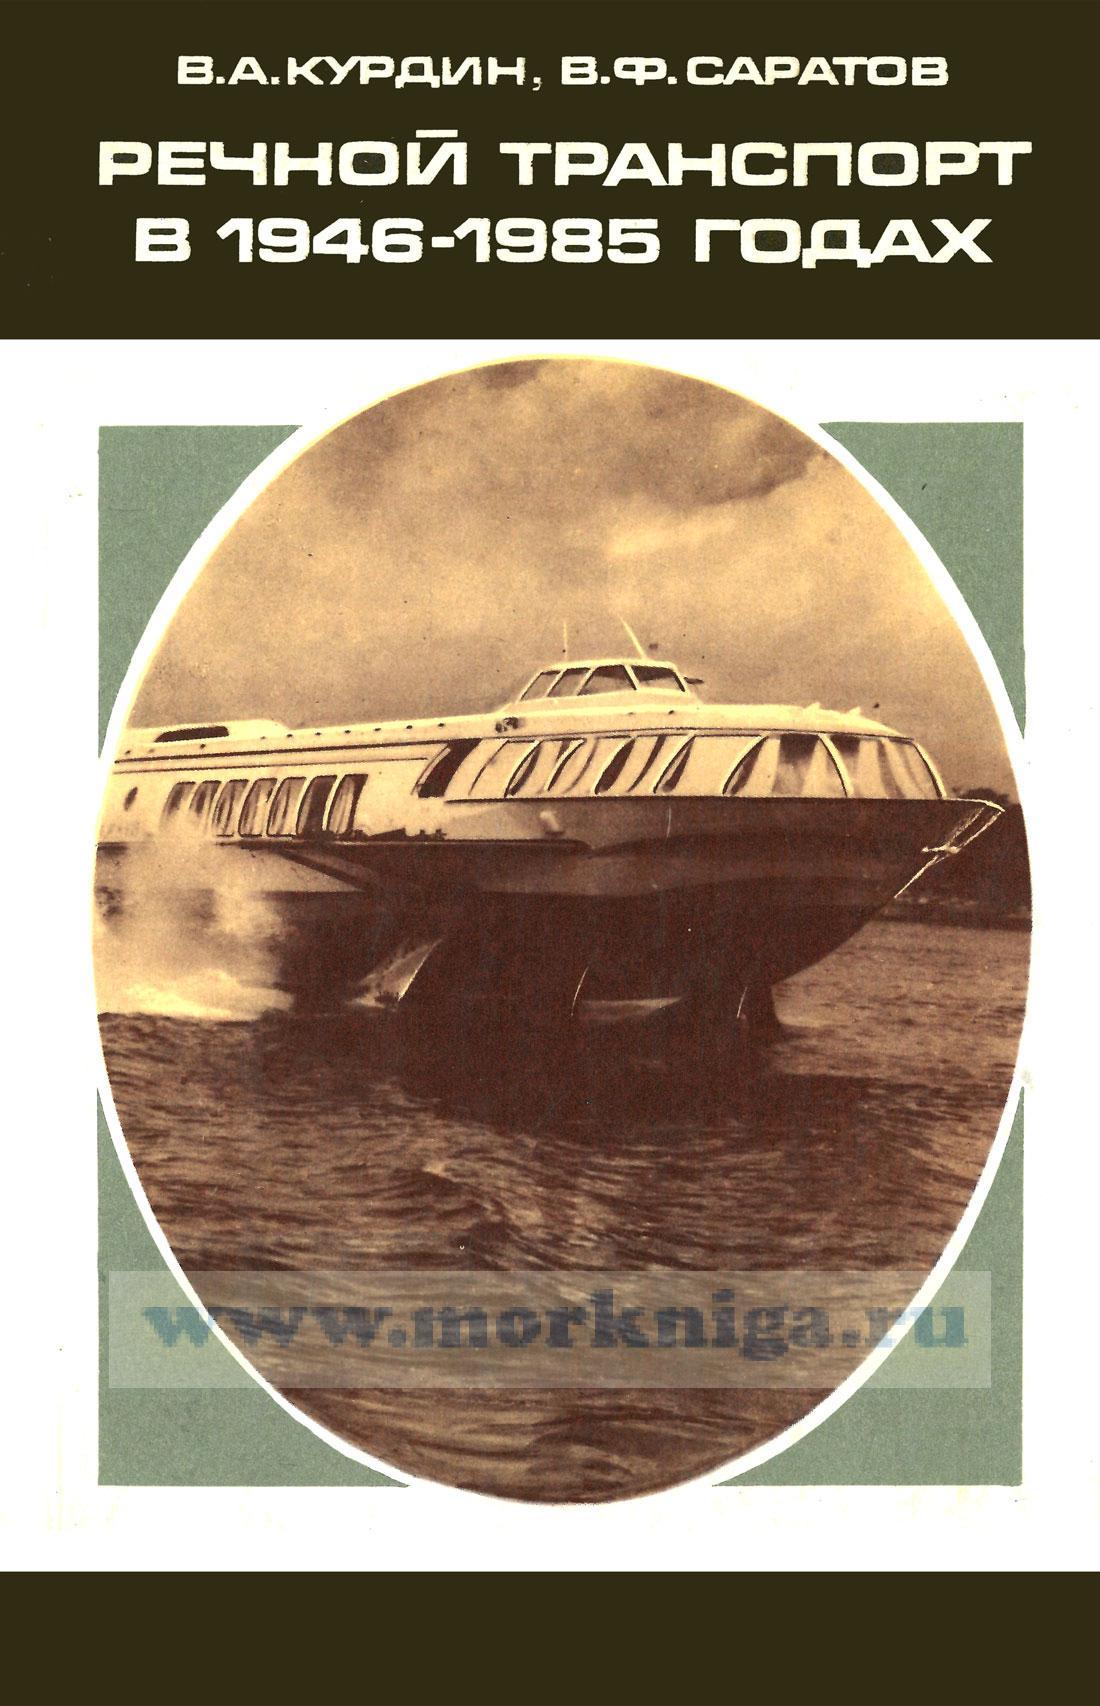 Речной транспорт в 1946-1985 годах